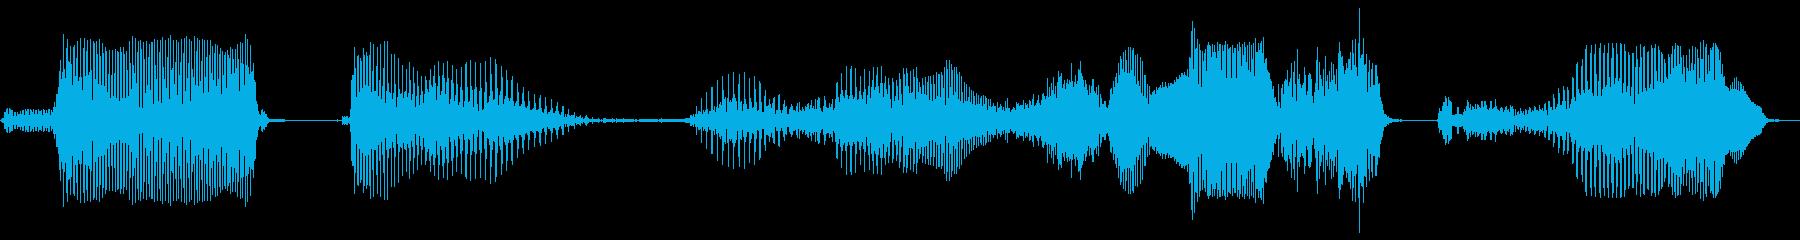 データを保存しますか?の再生済みの波形